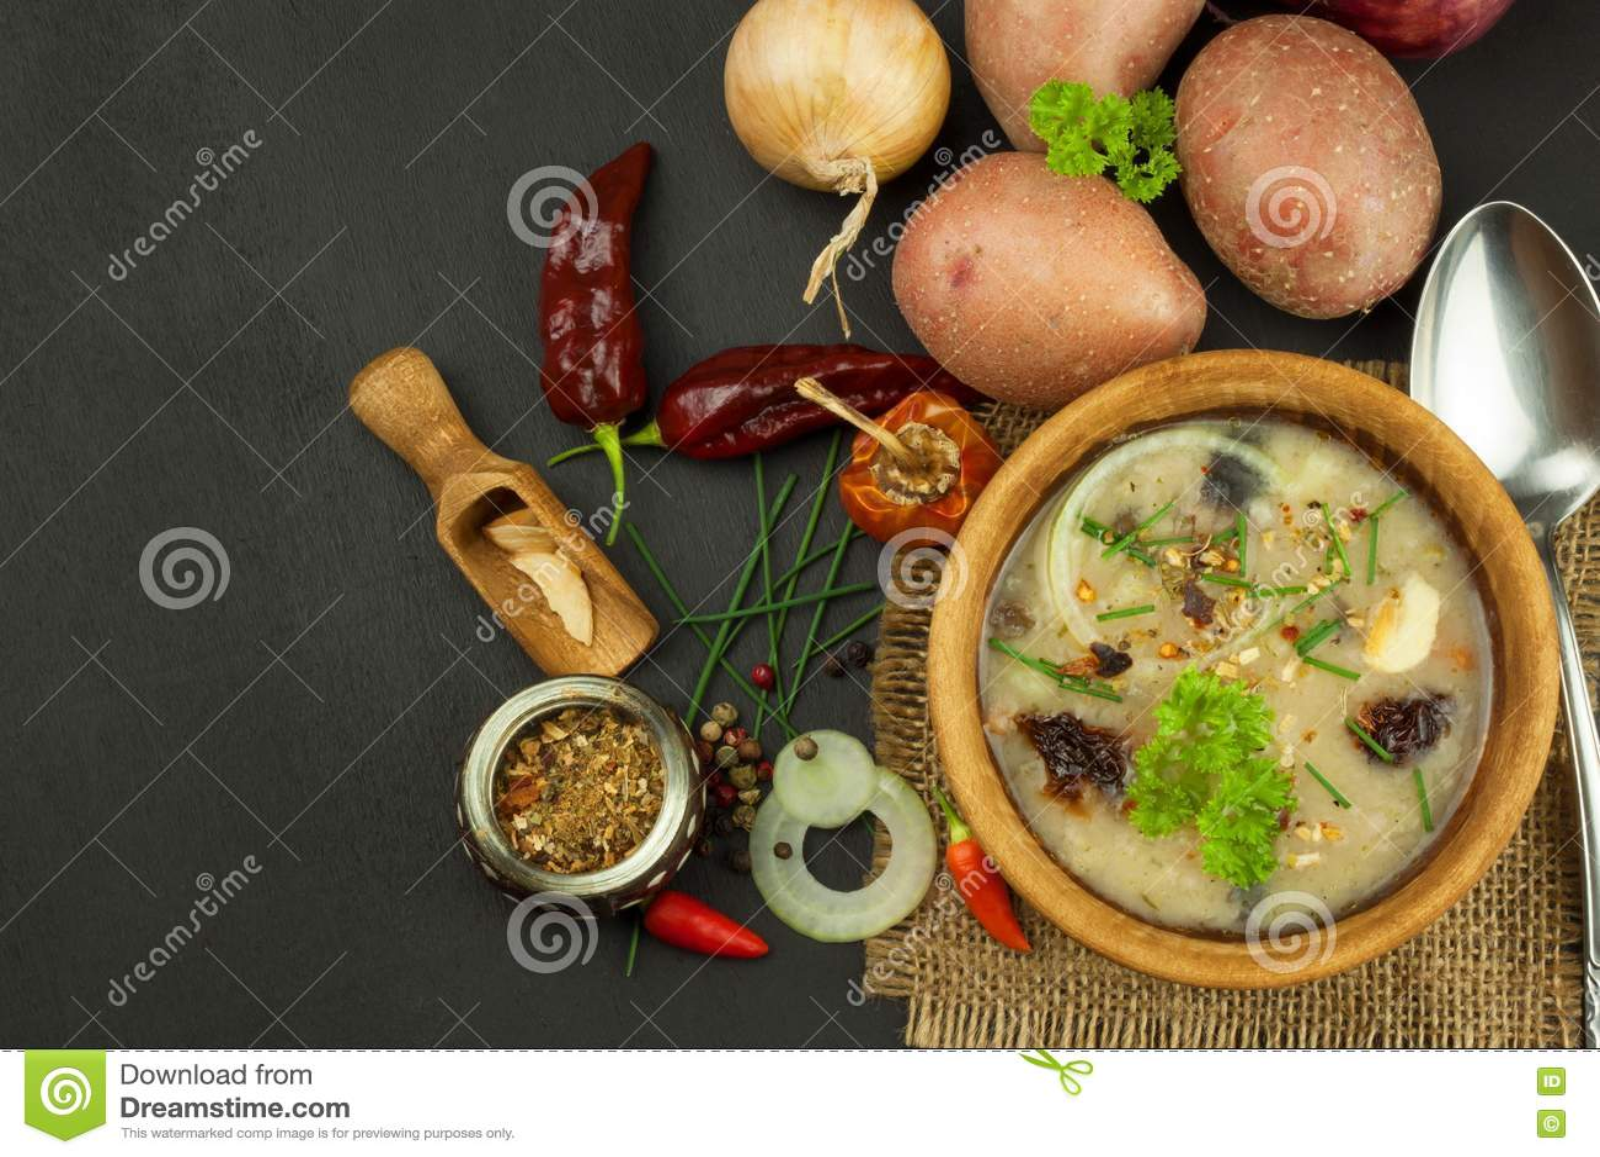 kitchen prep table dish sets 自创土豆汤用蘑菇碗用在木桌上的土豆汤食物例证厨房准备向量妇女库存照片 自创土豆汤用蘑菇碗用在木桌上的土豆汤食物